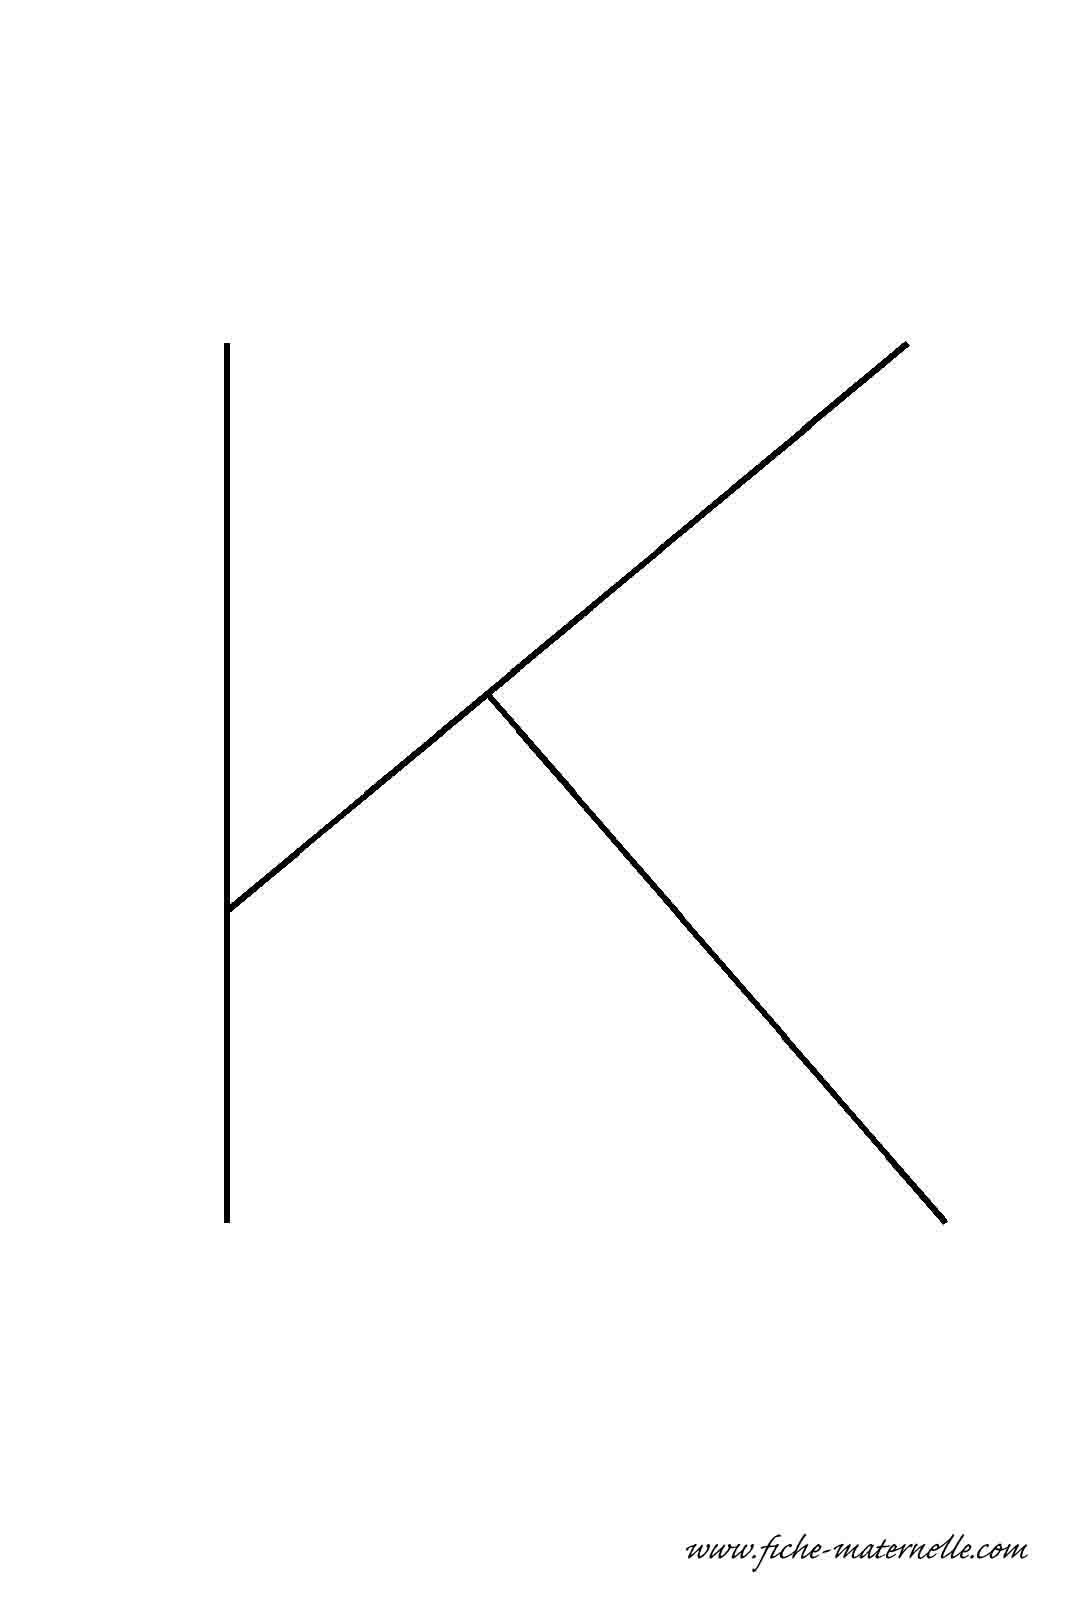 Lettre de l 39 alphabet d corer la lettre capitale k fil de fer - Lettres de l alphabet a decorer ...